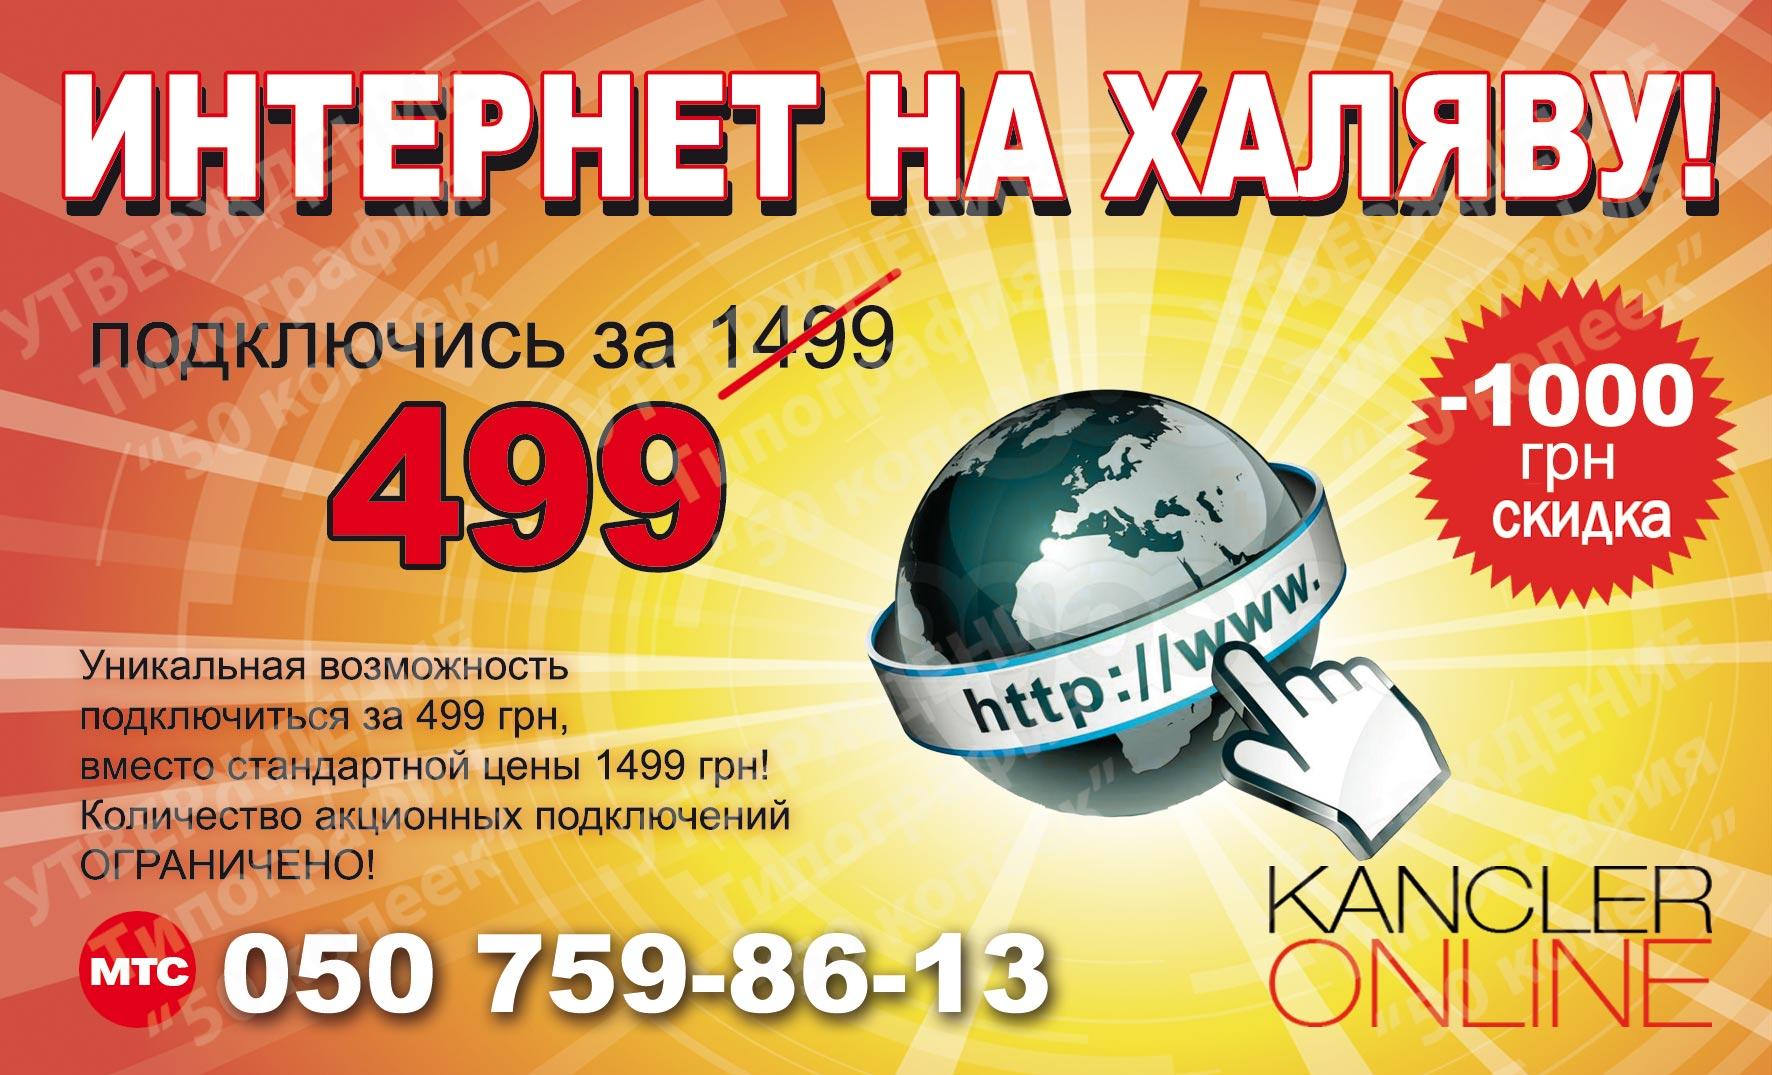 Бесплатные подарки - Халява бесплатно 63